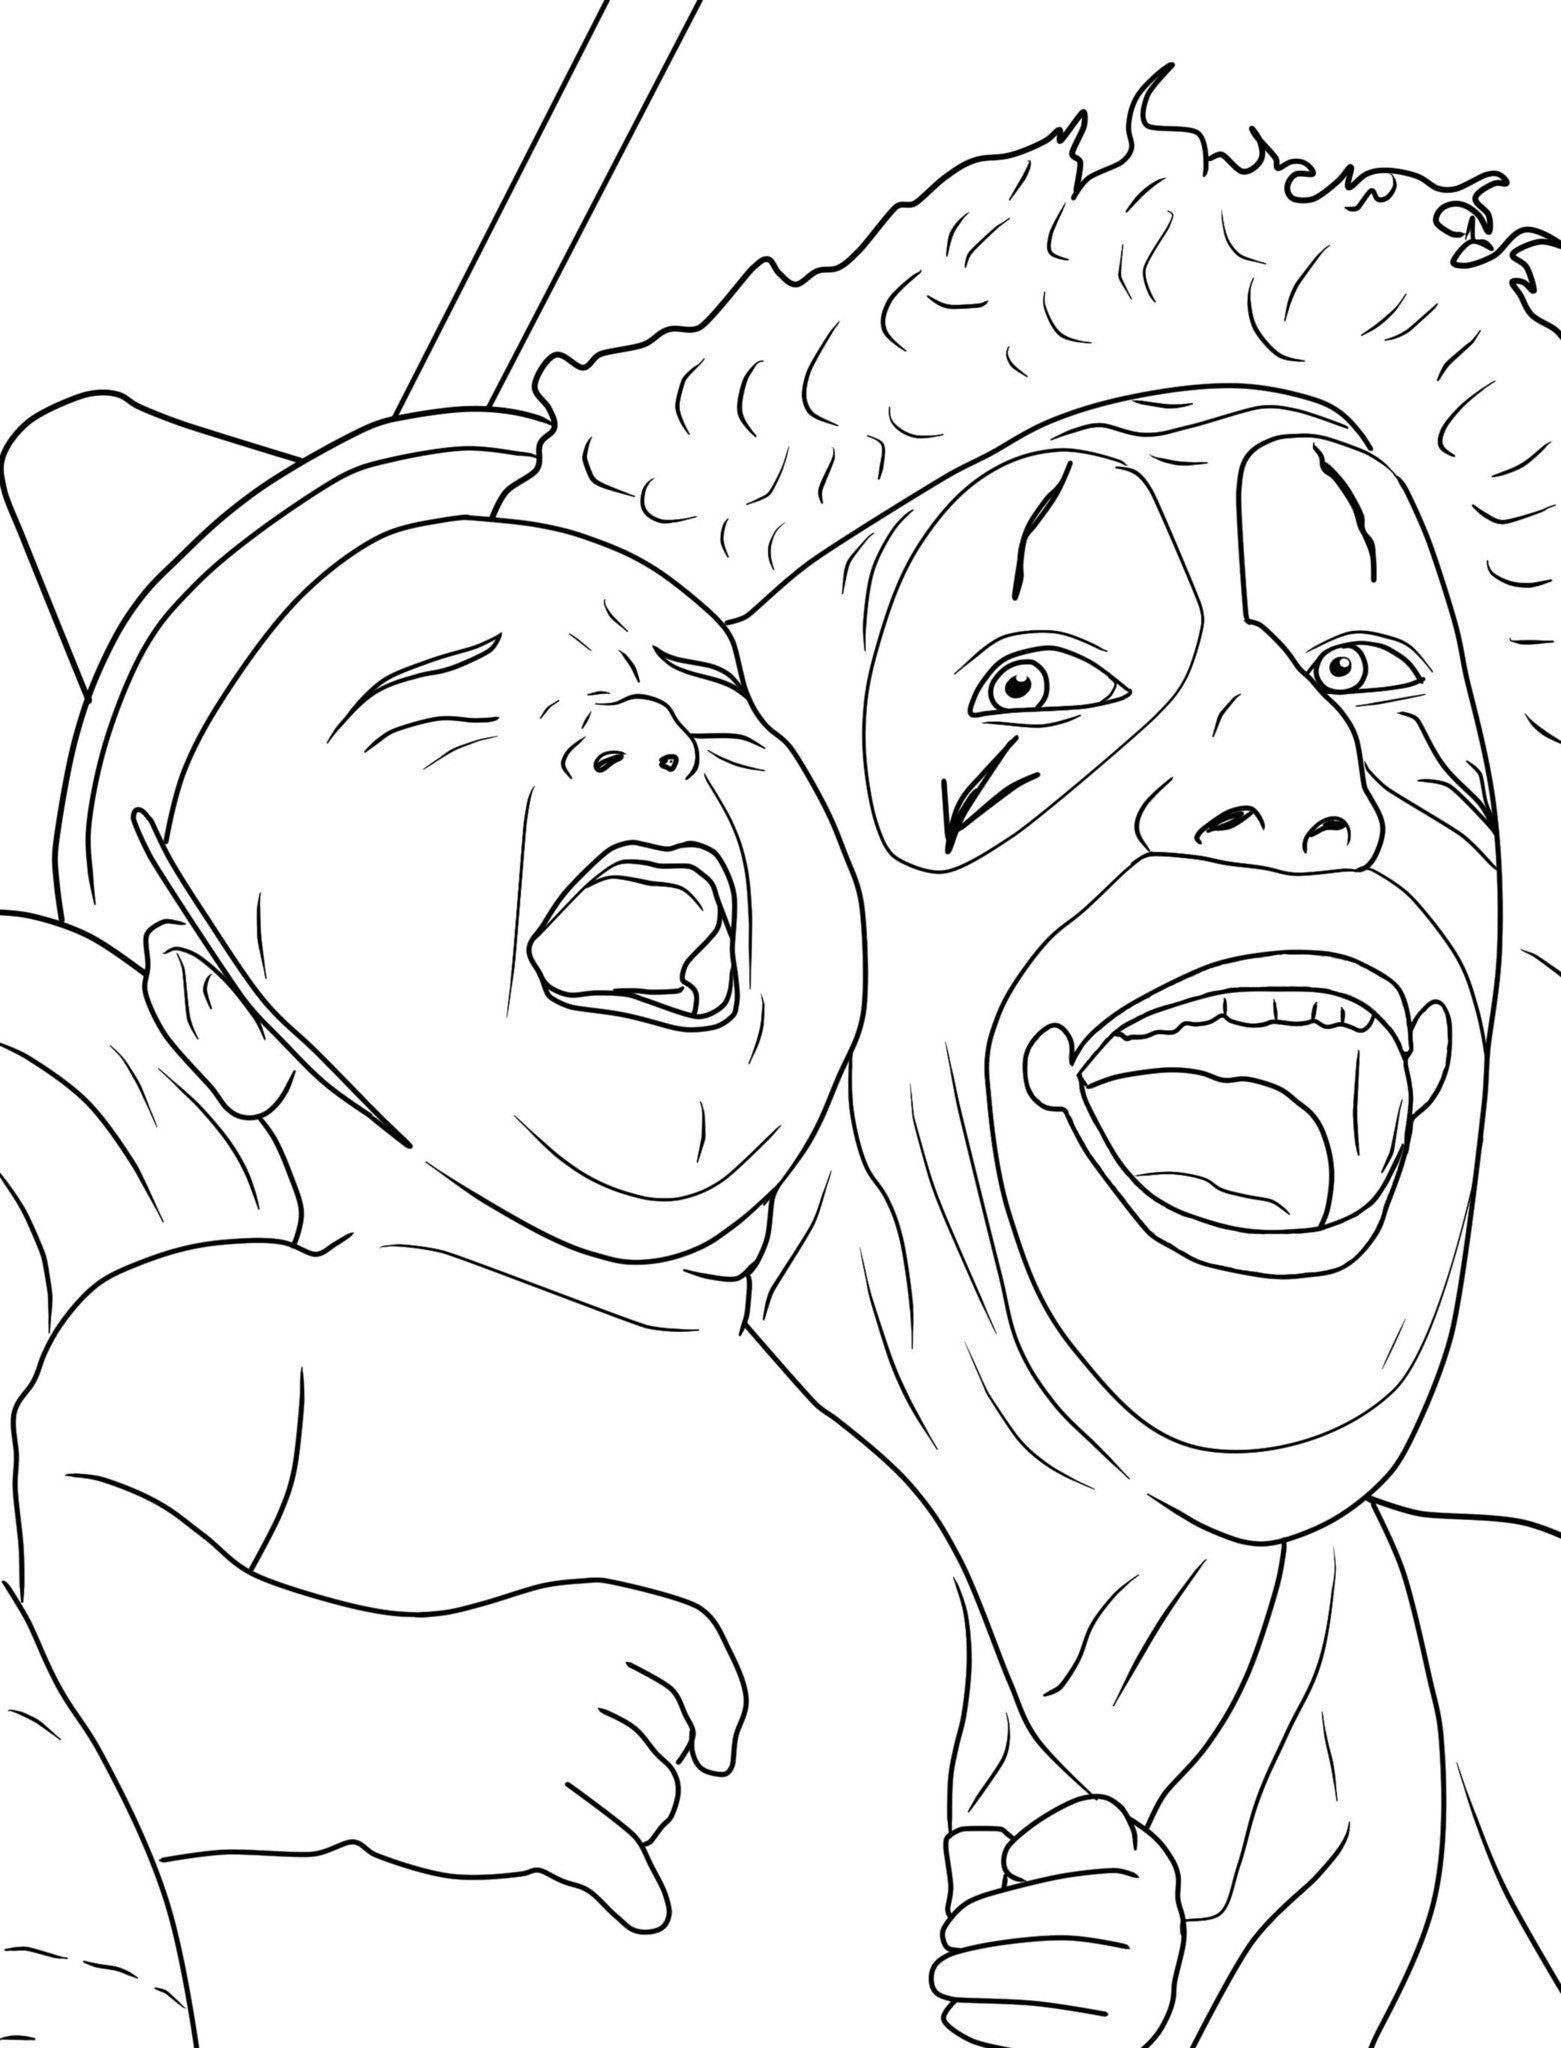 Unique Clown Coloring Pages Coloring Coloringpages